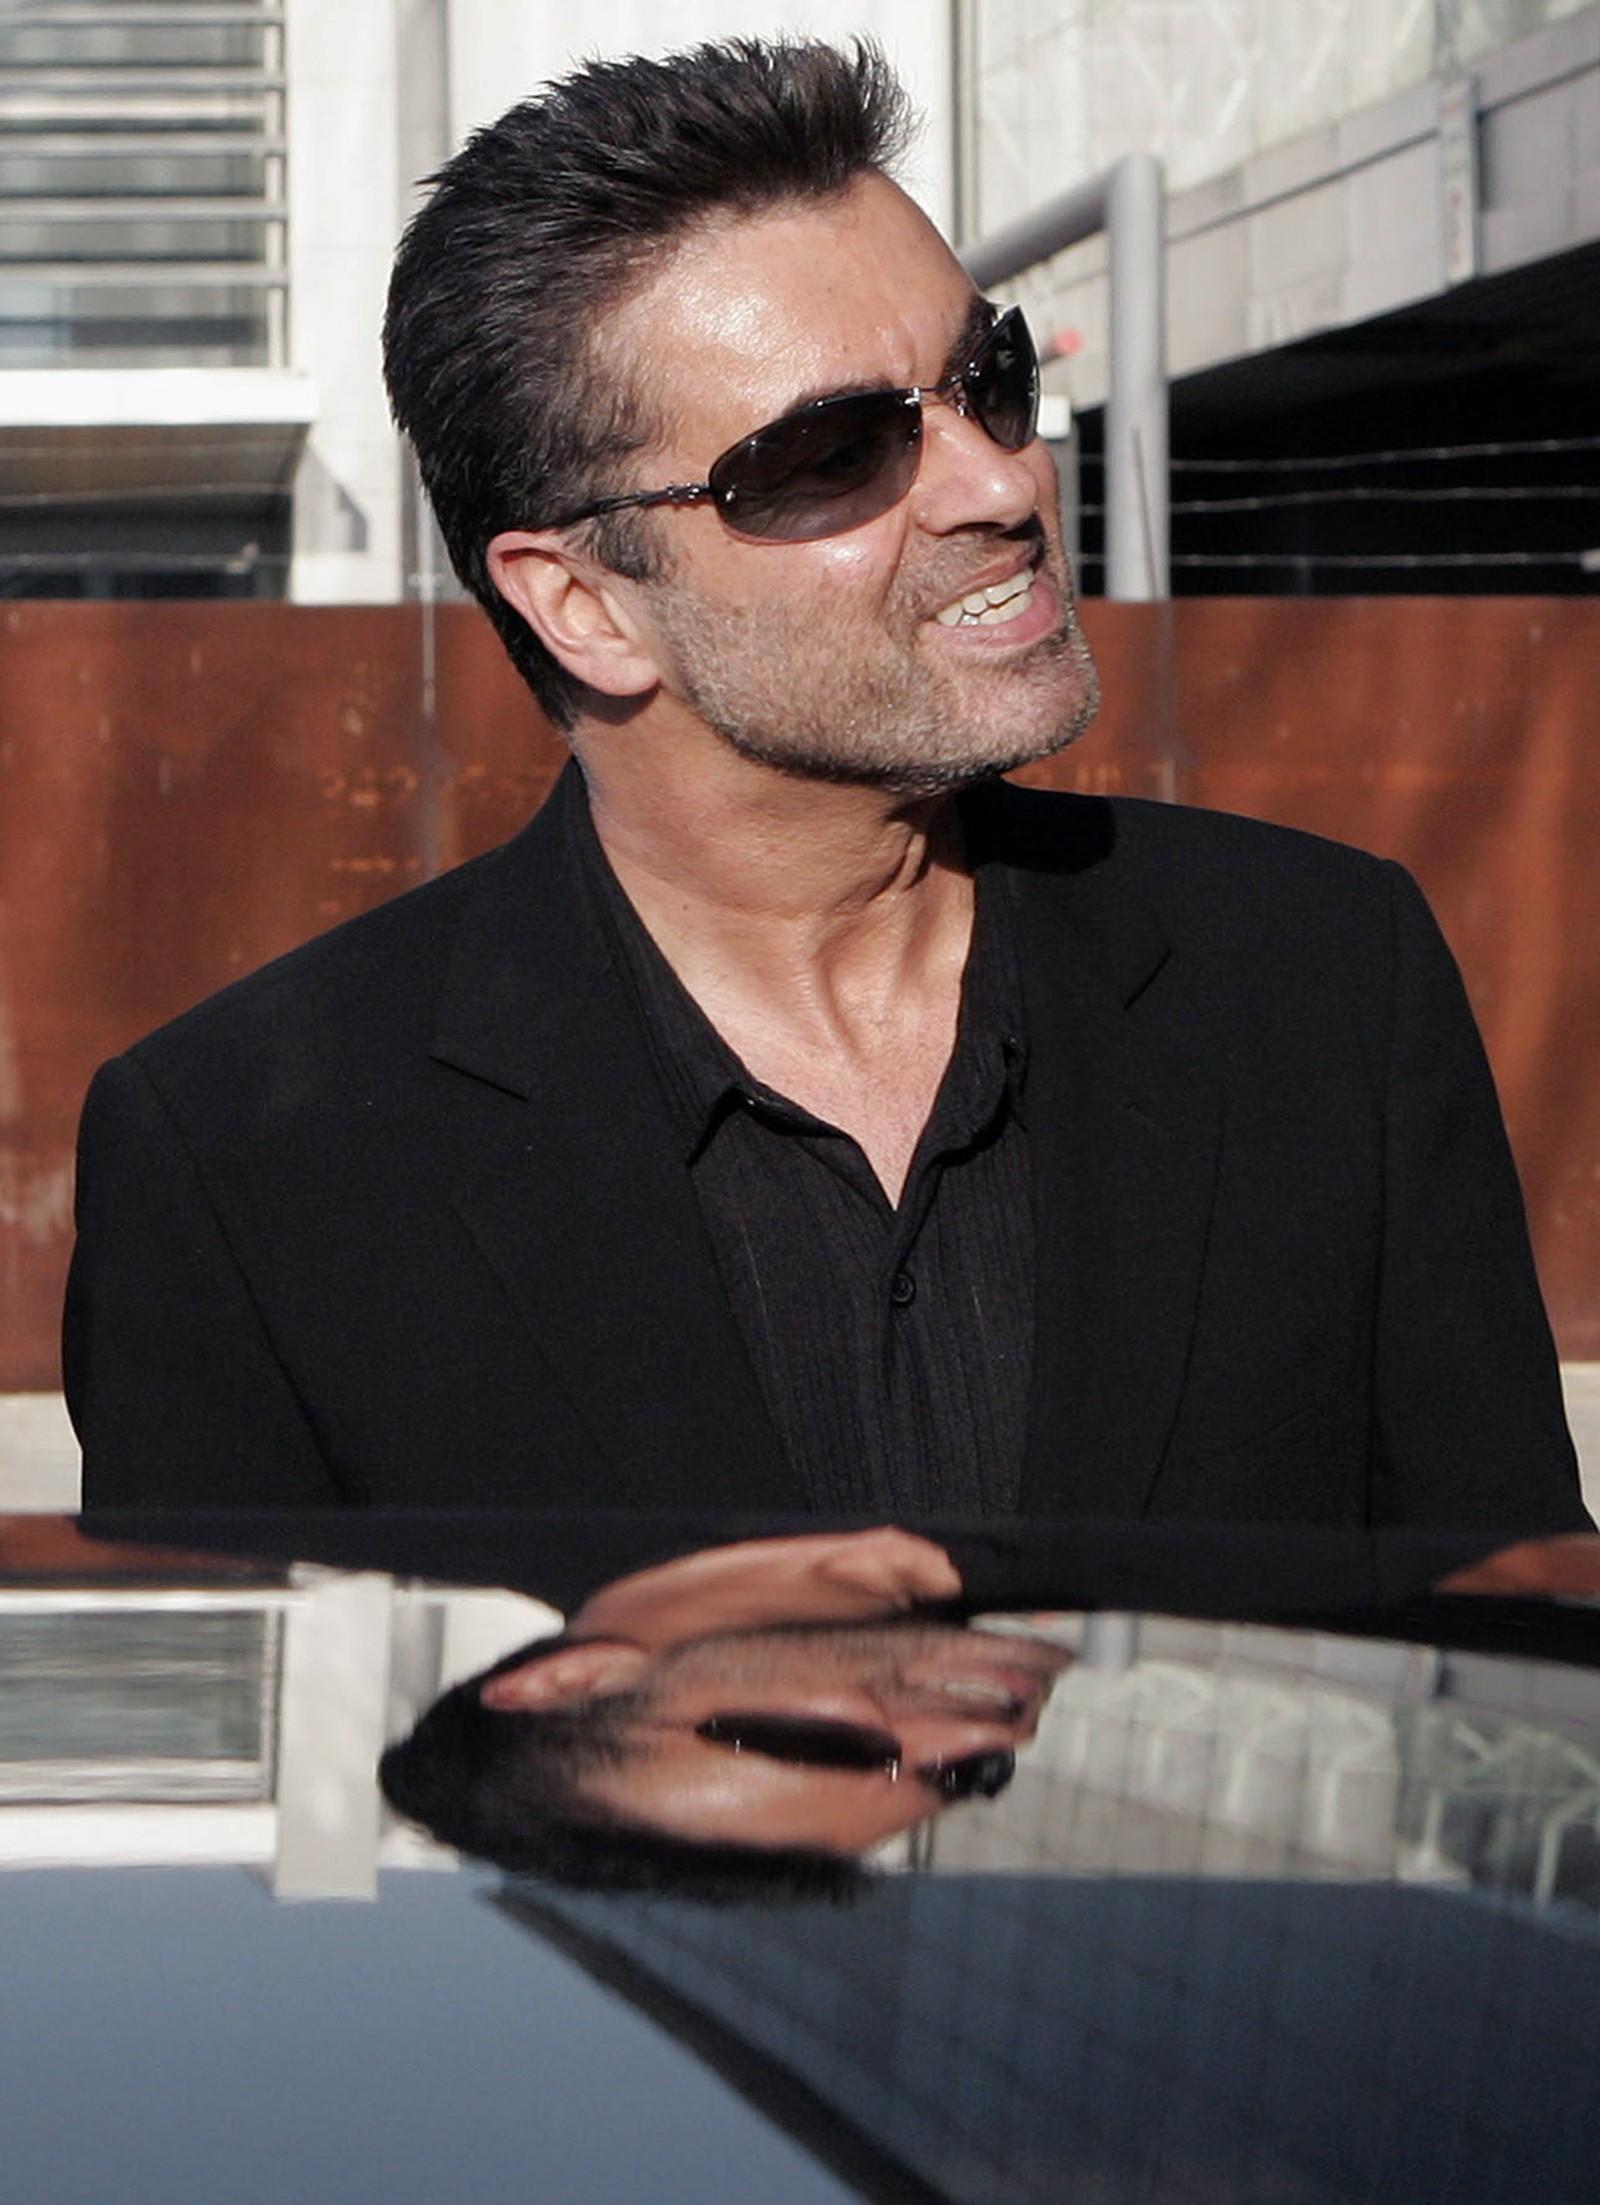 2006: Bredt smil før starten på verdensturneen i 2006. Bildet er tatt 20. september i Barcelona.